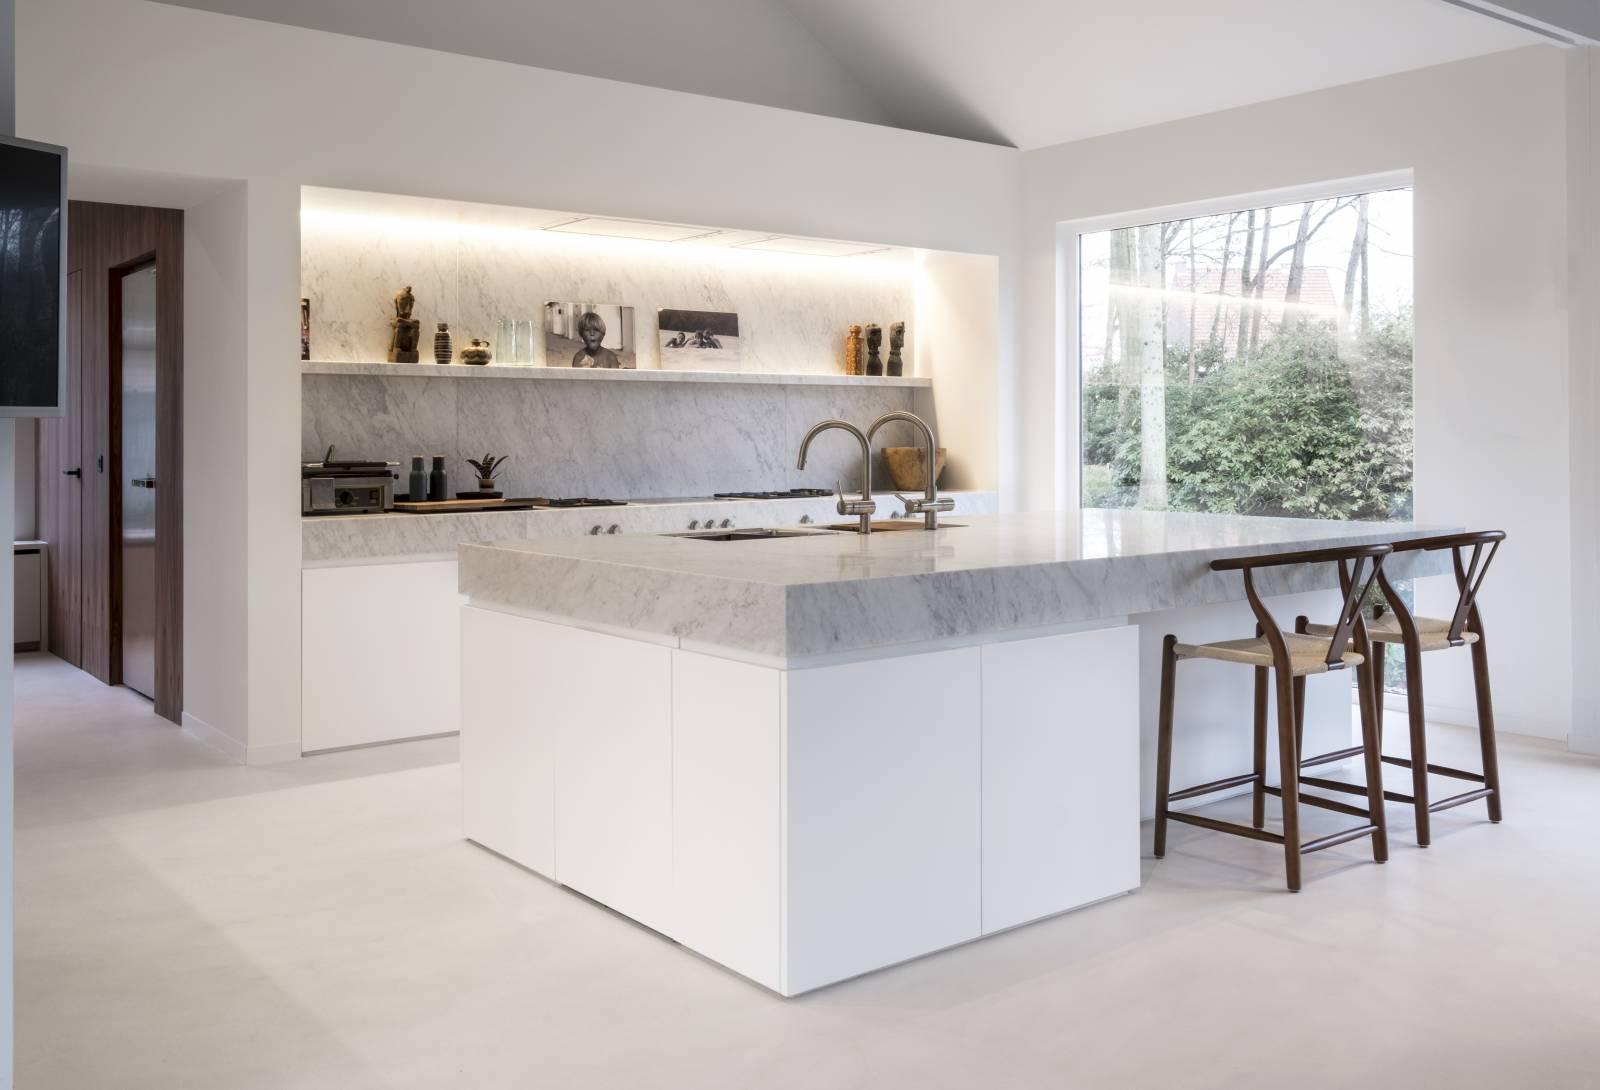 Keuken op maat kopen: Op wat moet je letten voor de beste keuze?